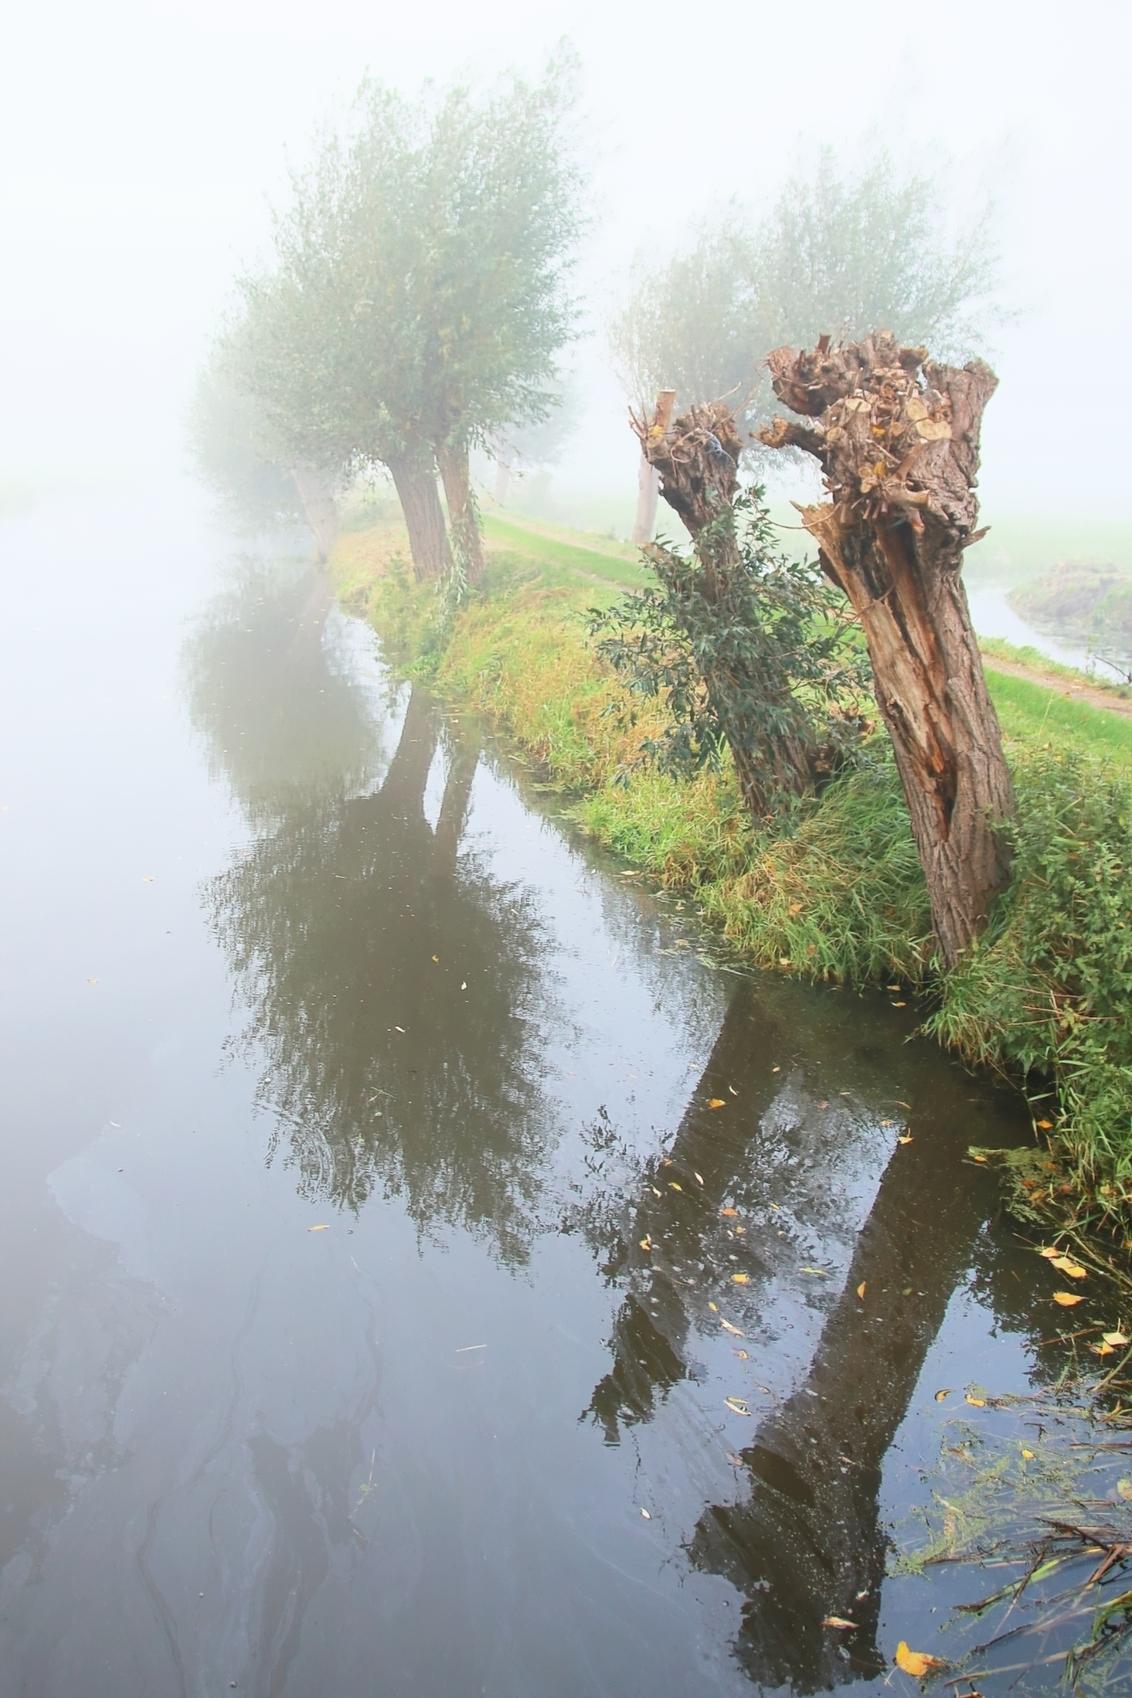 mist 2338 - - - foto door onne1954 op 27-10-2020 - deze foto bevat: groen, lucht, boom, water, natuur, geel, licht, herfst, blad, landschap, mist, nederland